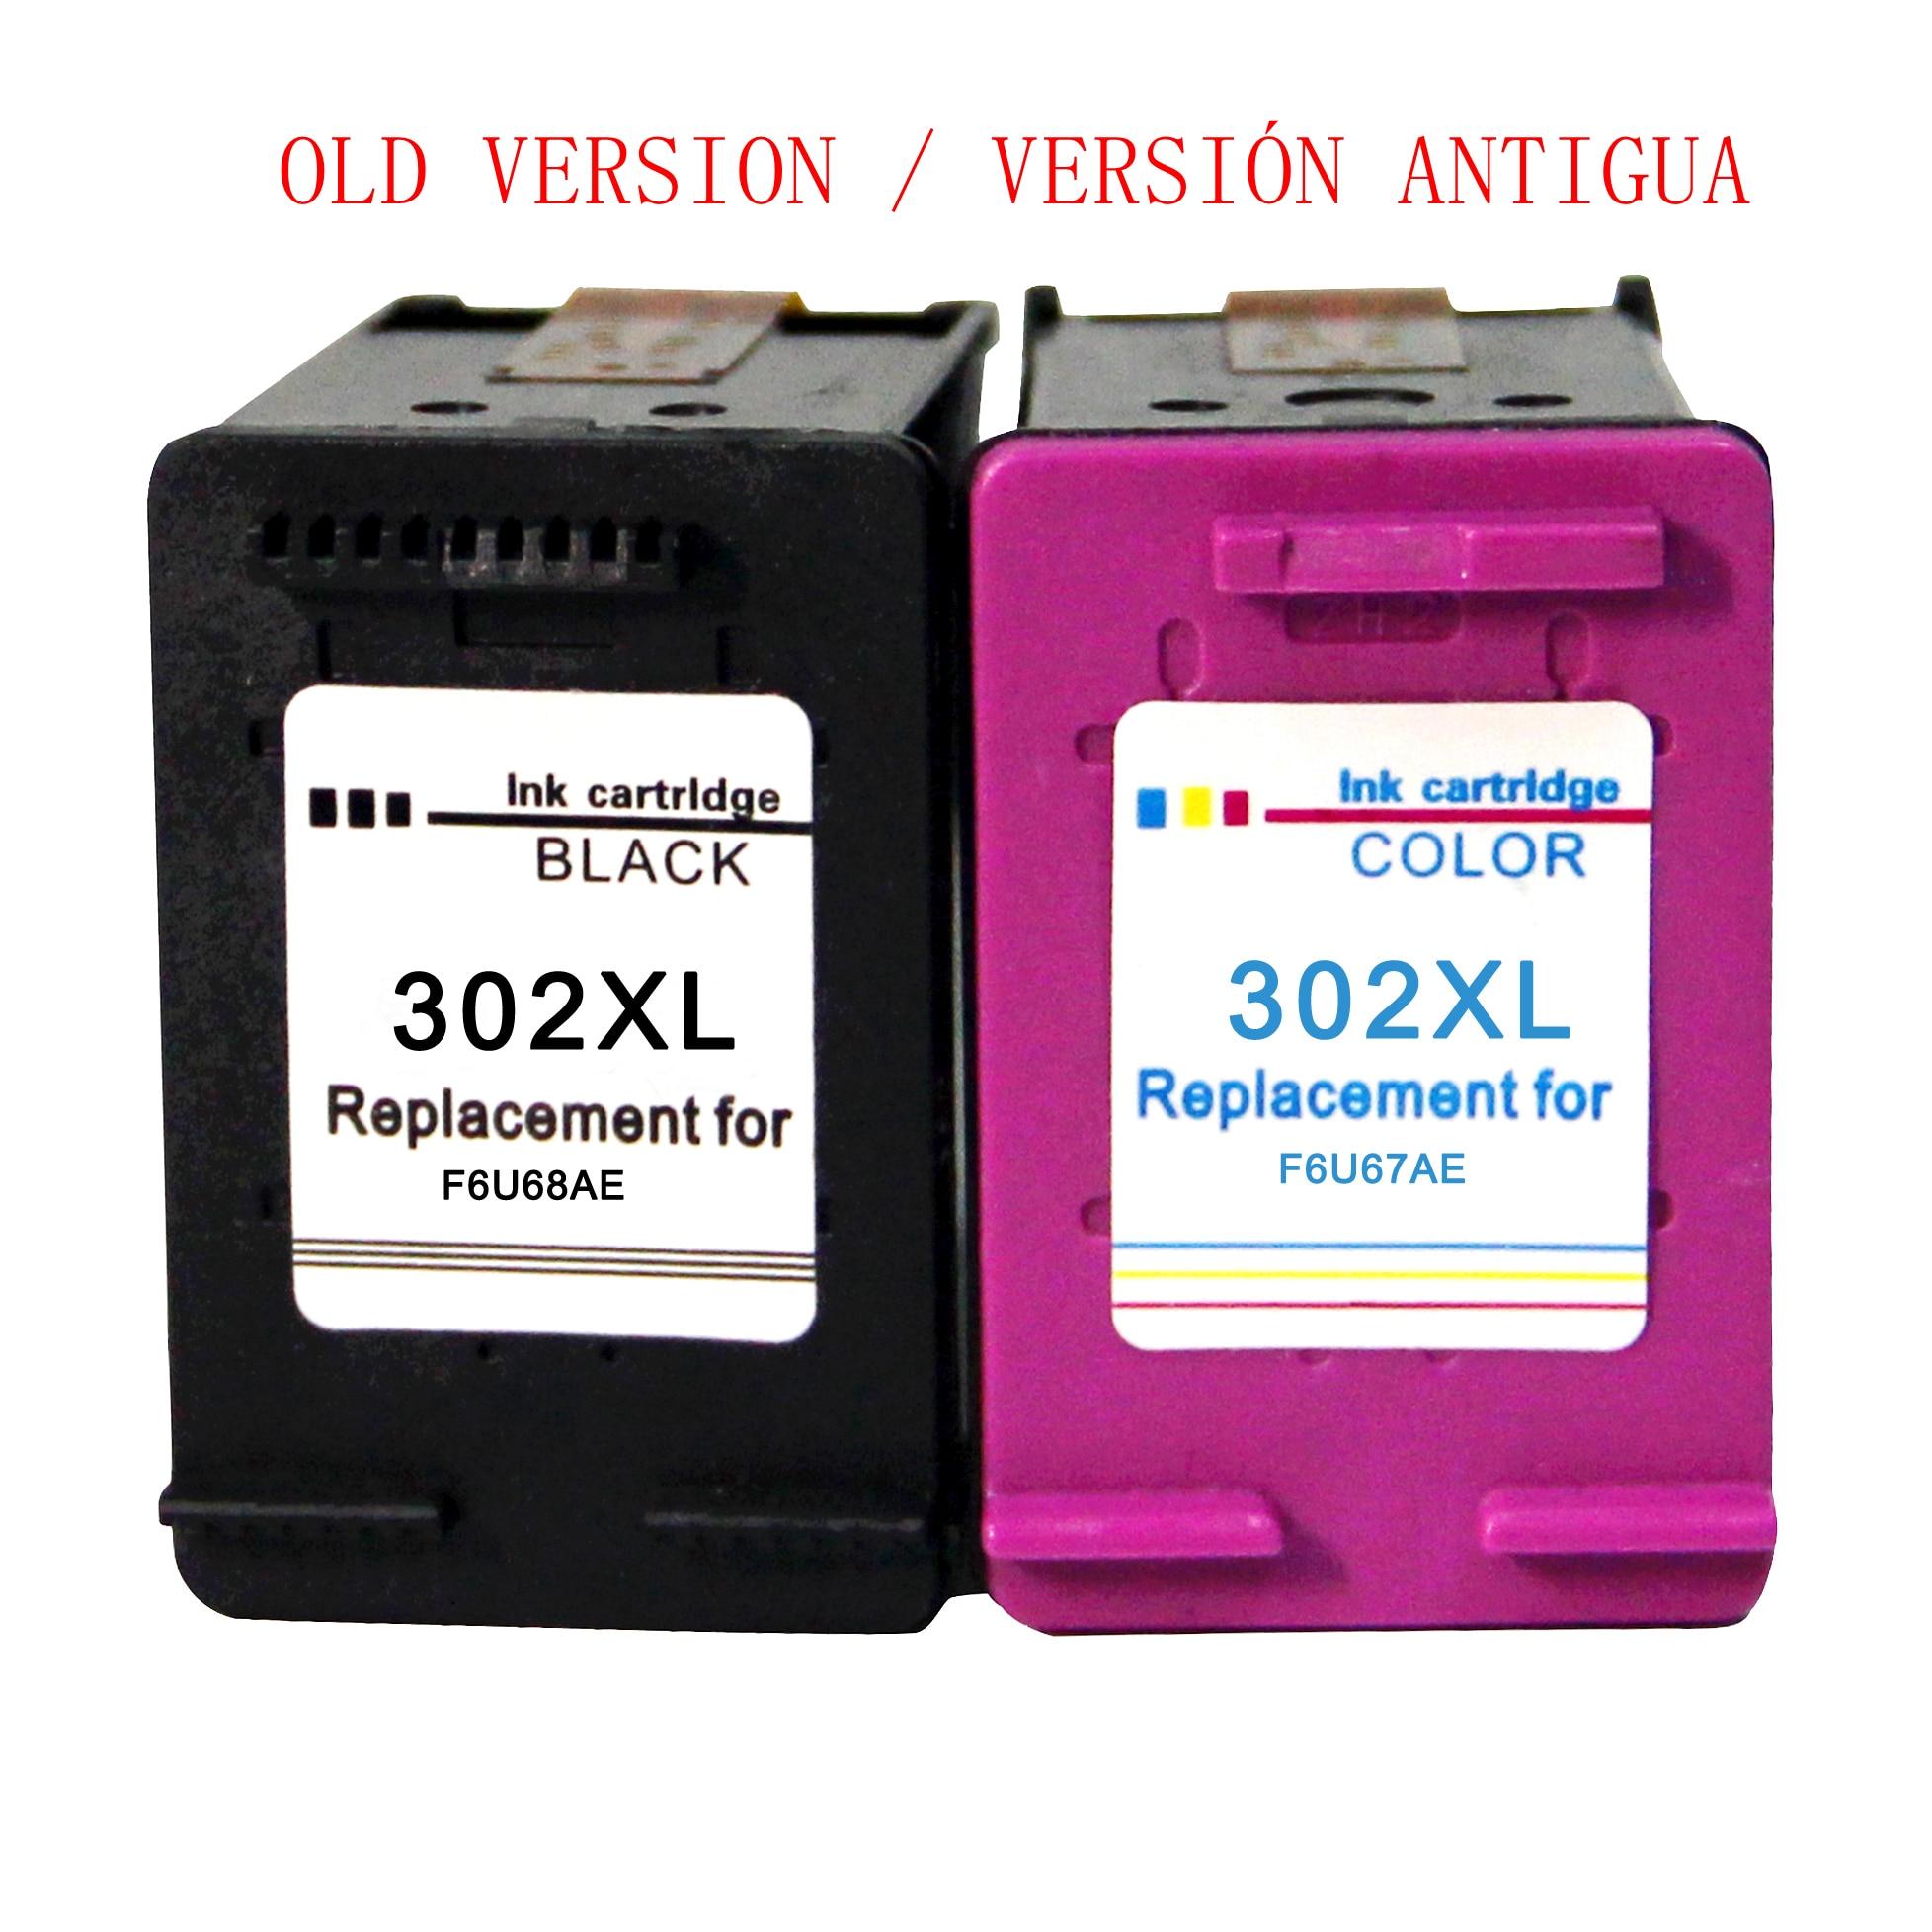 Remanufactured HP 302 XL Ink Cartridges For HP OfficeJet 3831 3833 DeskJet 1110 2130 3630 3639 3633 3636 Envy 4520 4524